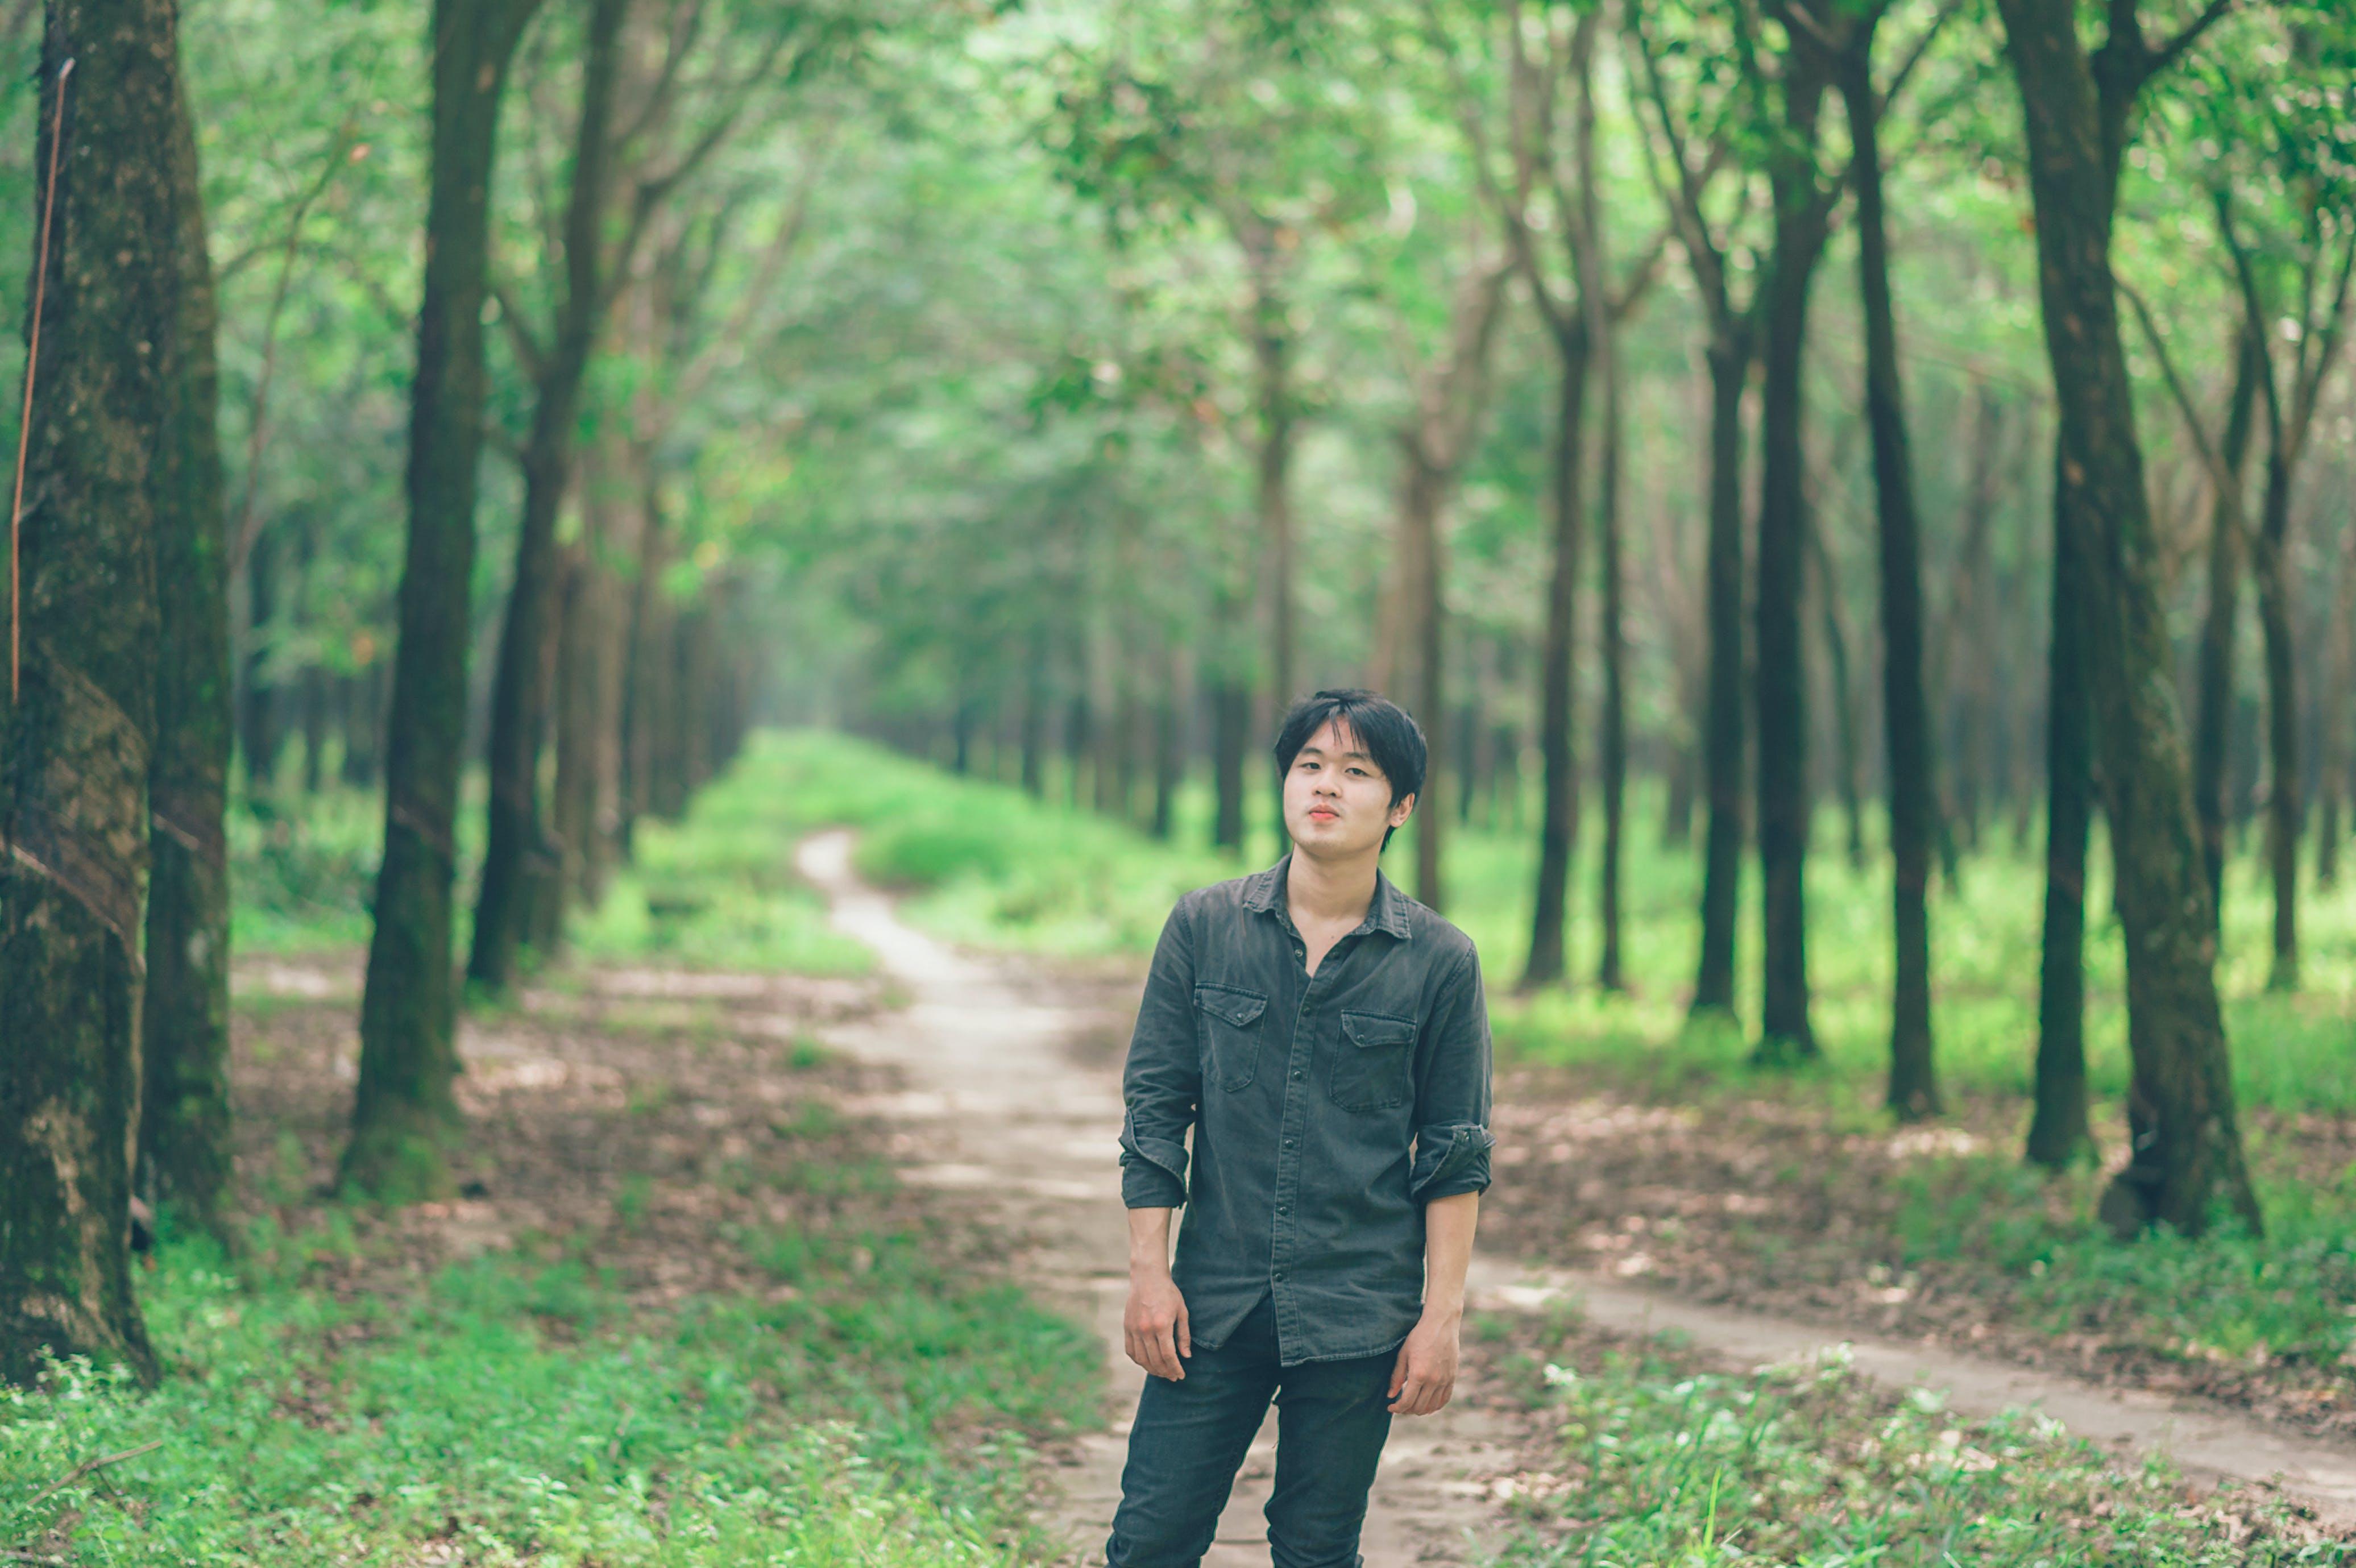 Безкоштовне стокове фото на тему «азіатський чоловік, людина, носити, парк»